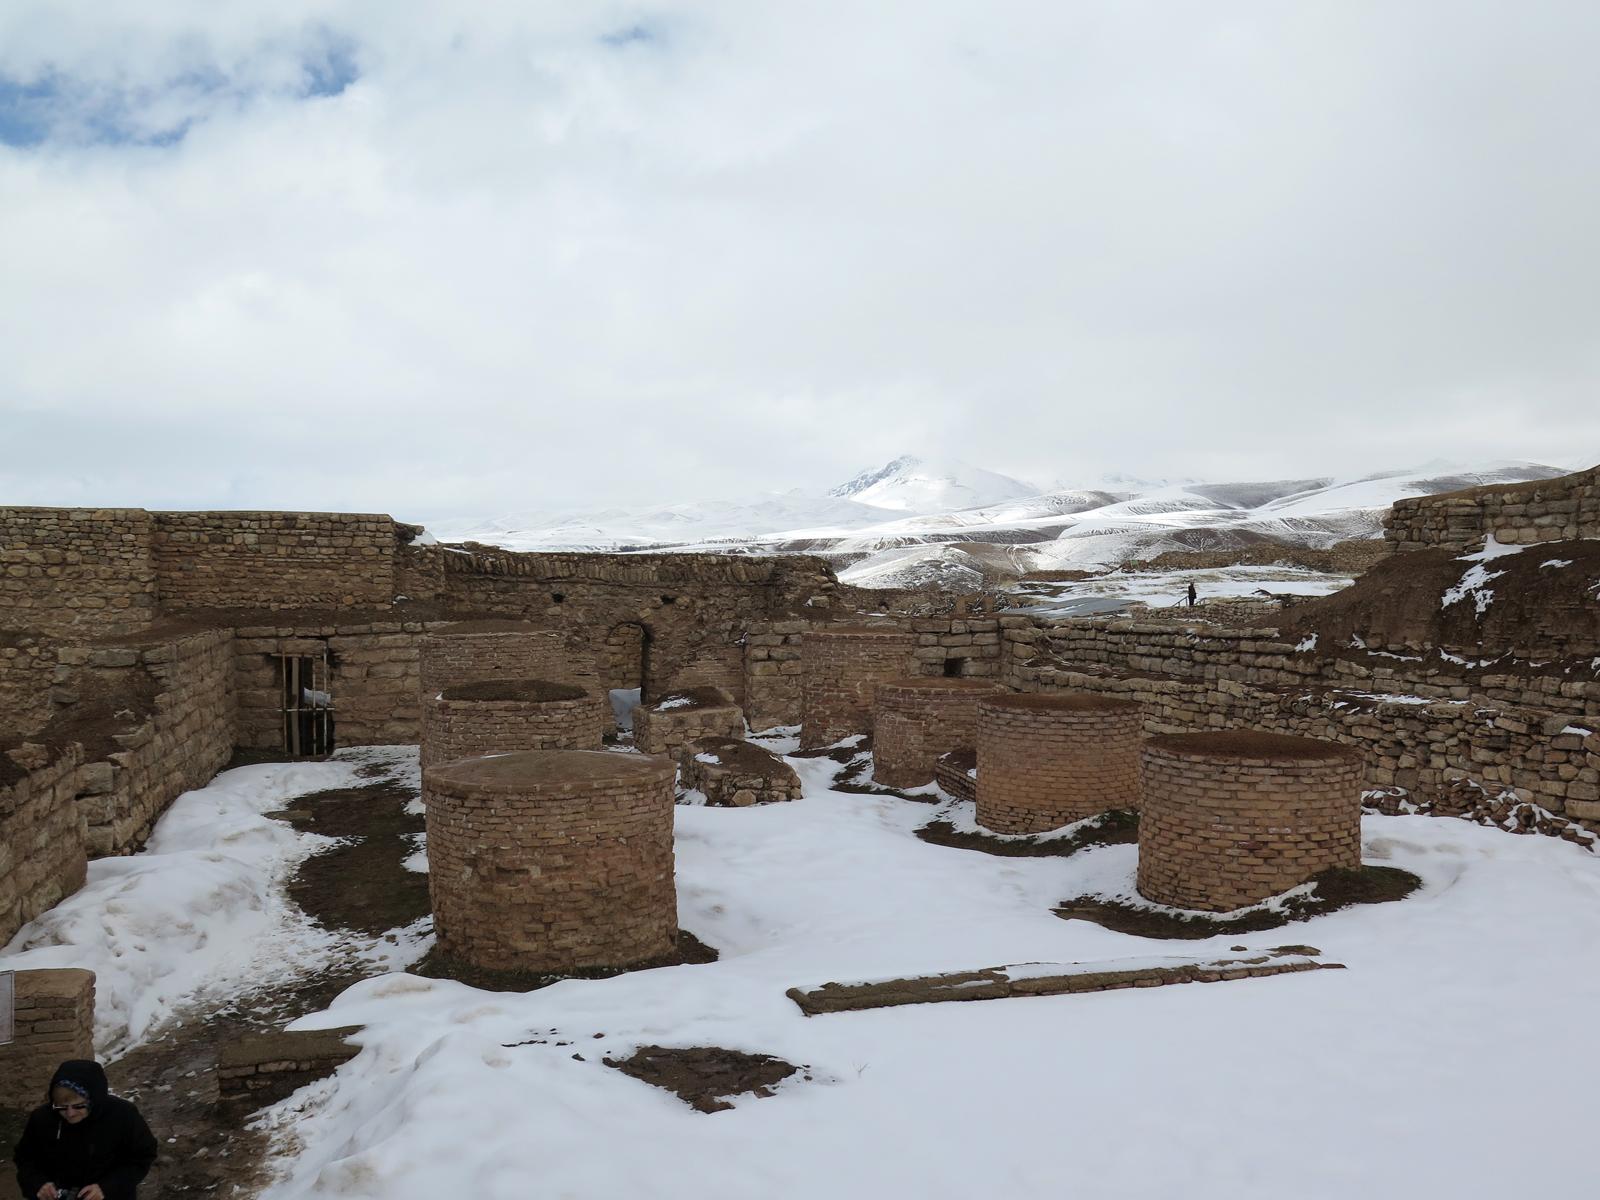 Ruinenfeld der Kultstätte Tacht-e Soleymann